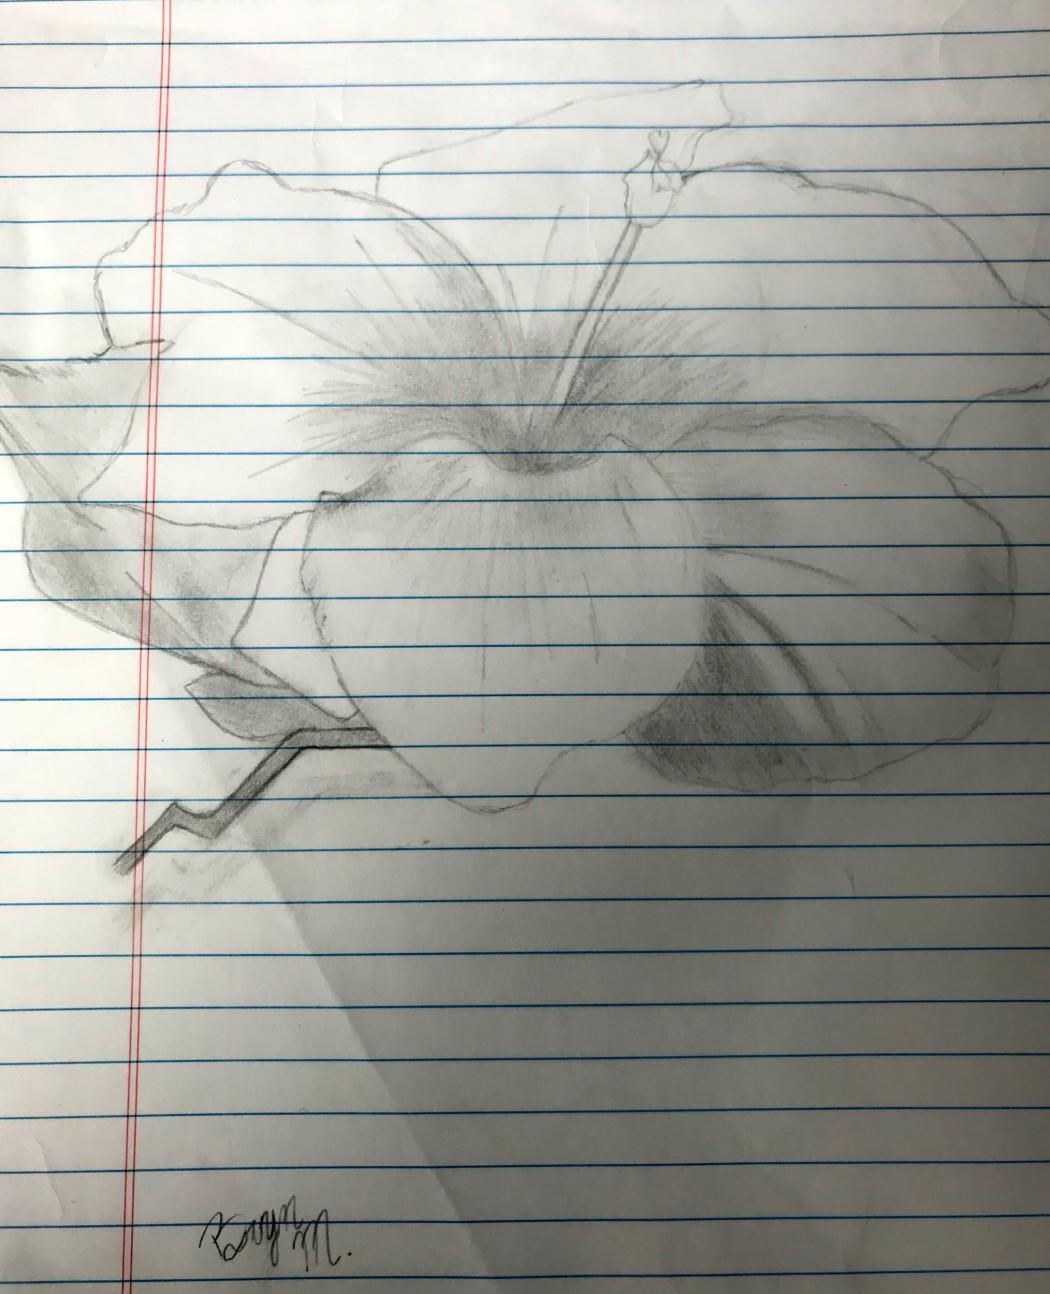 bryn_drawing_one